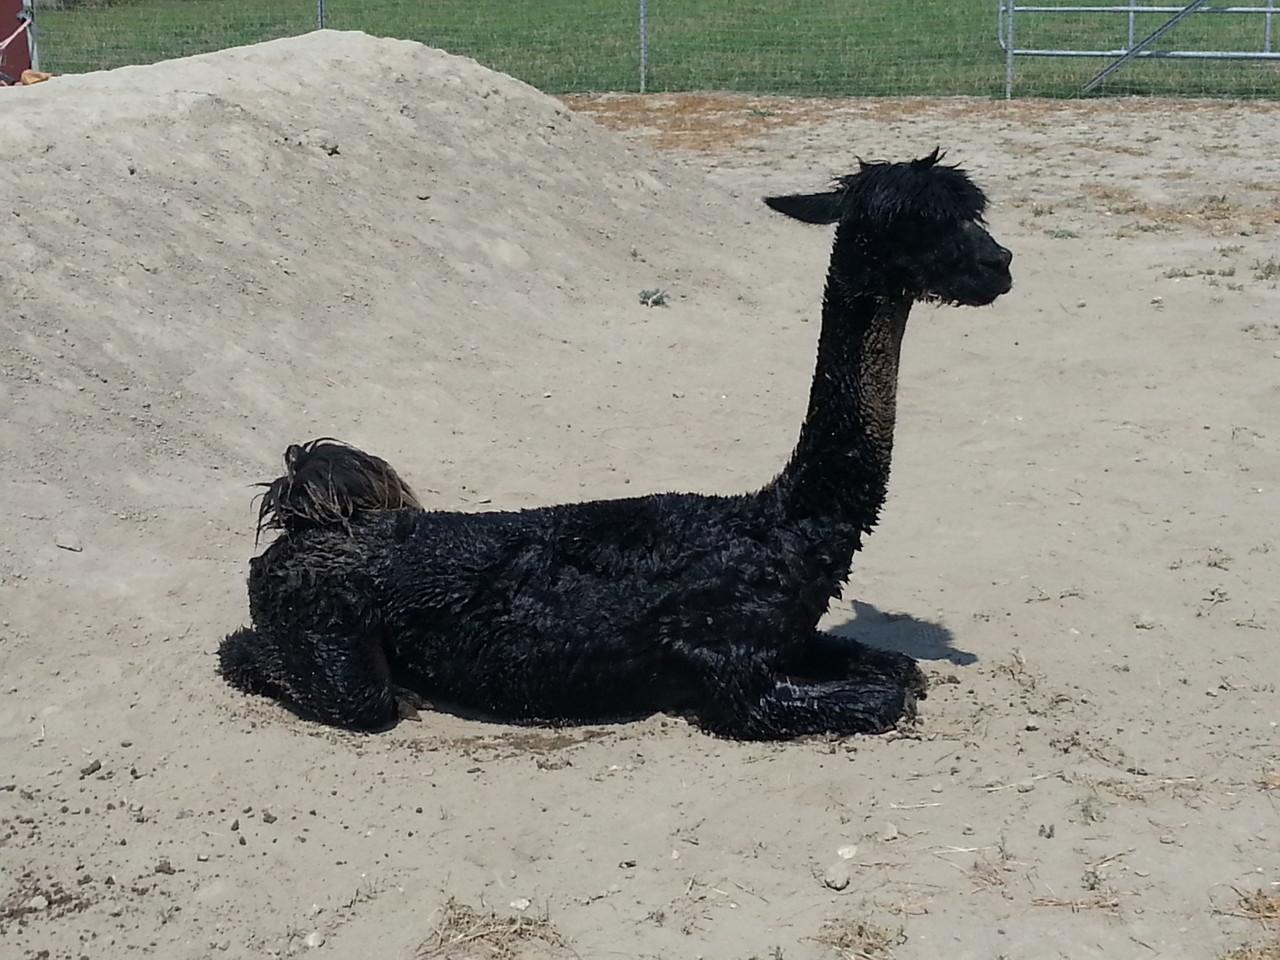 Anschließend im Sand panieren!